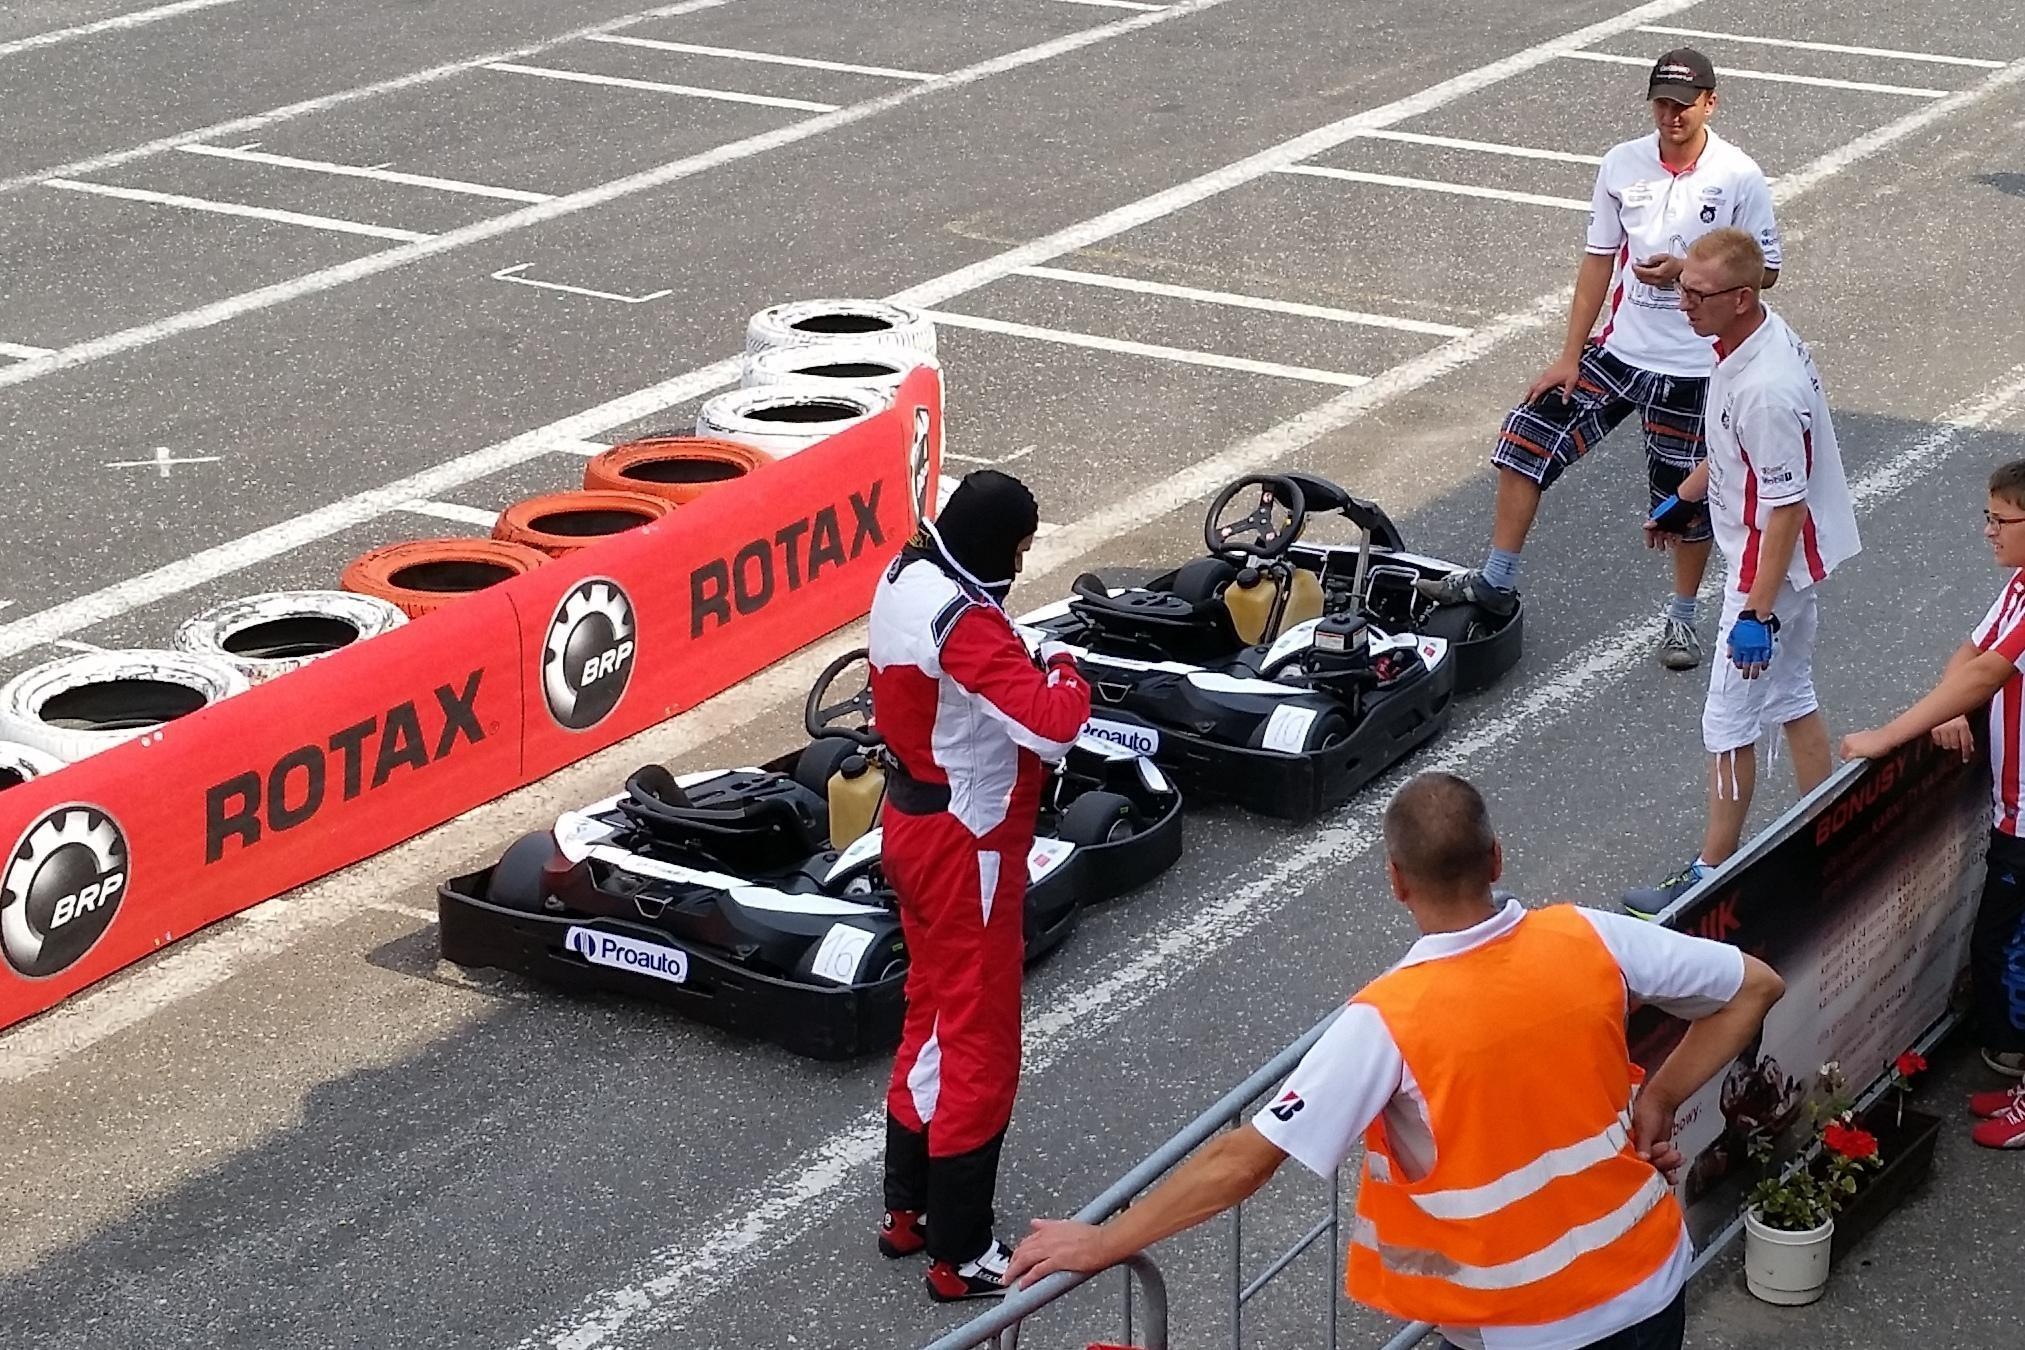 20150808 105028 - Piotr Wołynka zwycięzcą Proauto Karting Extreme